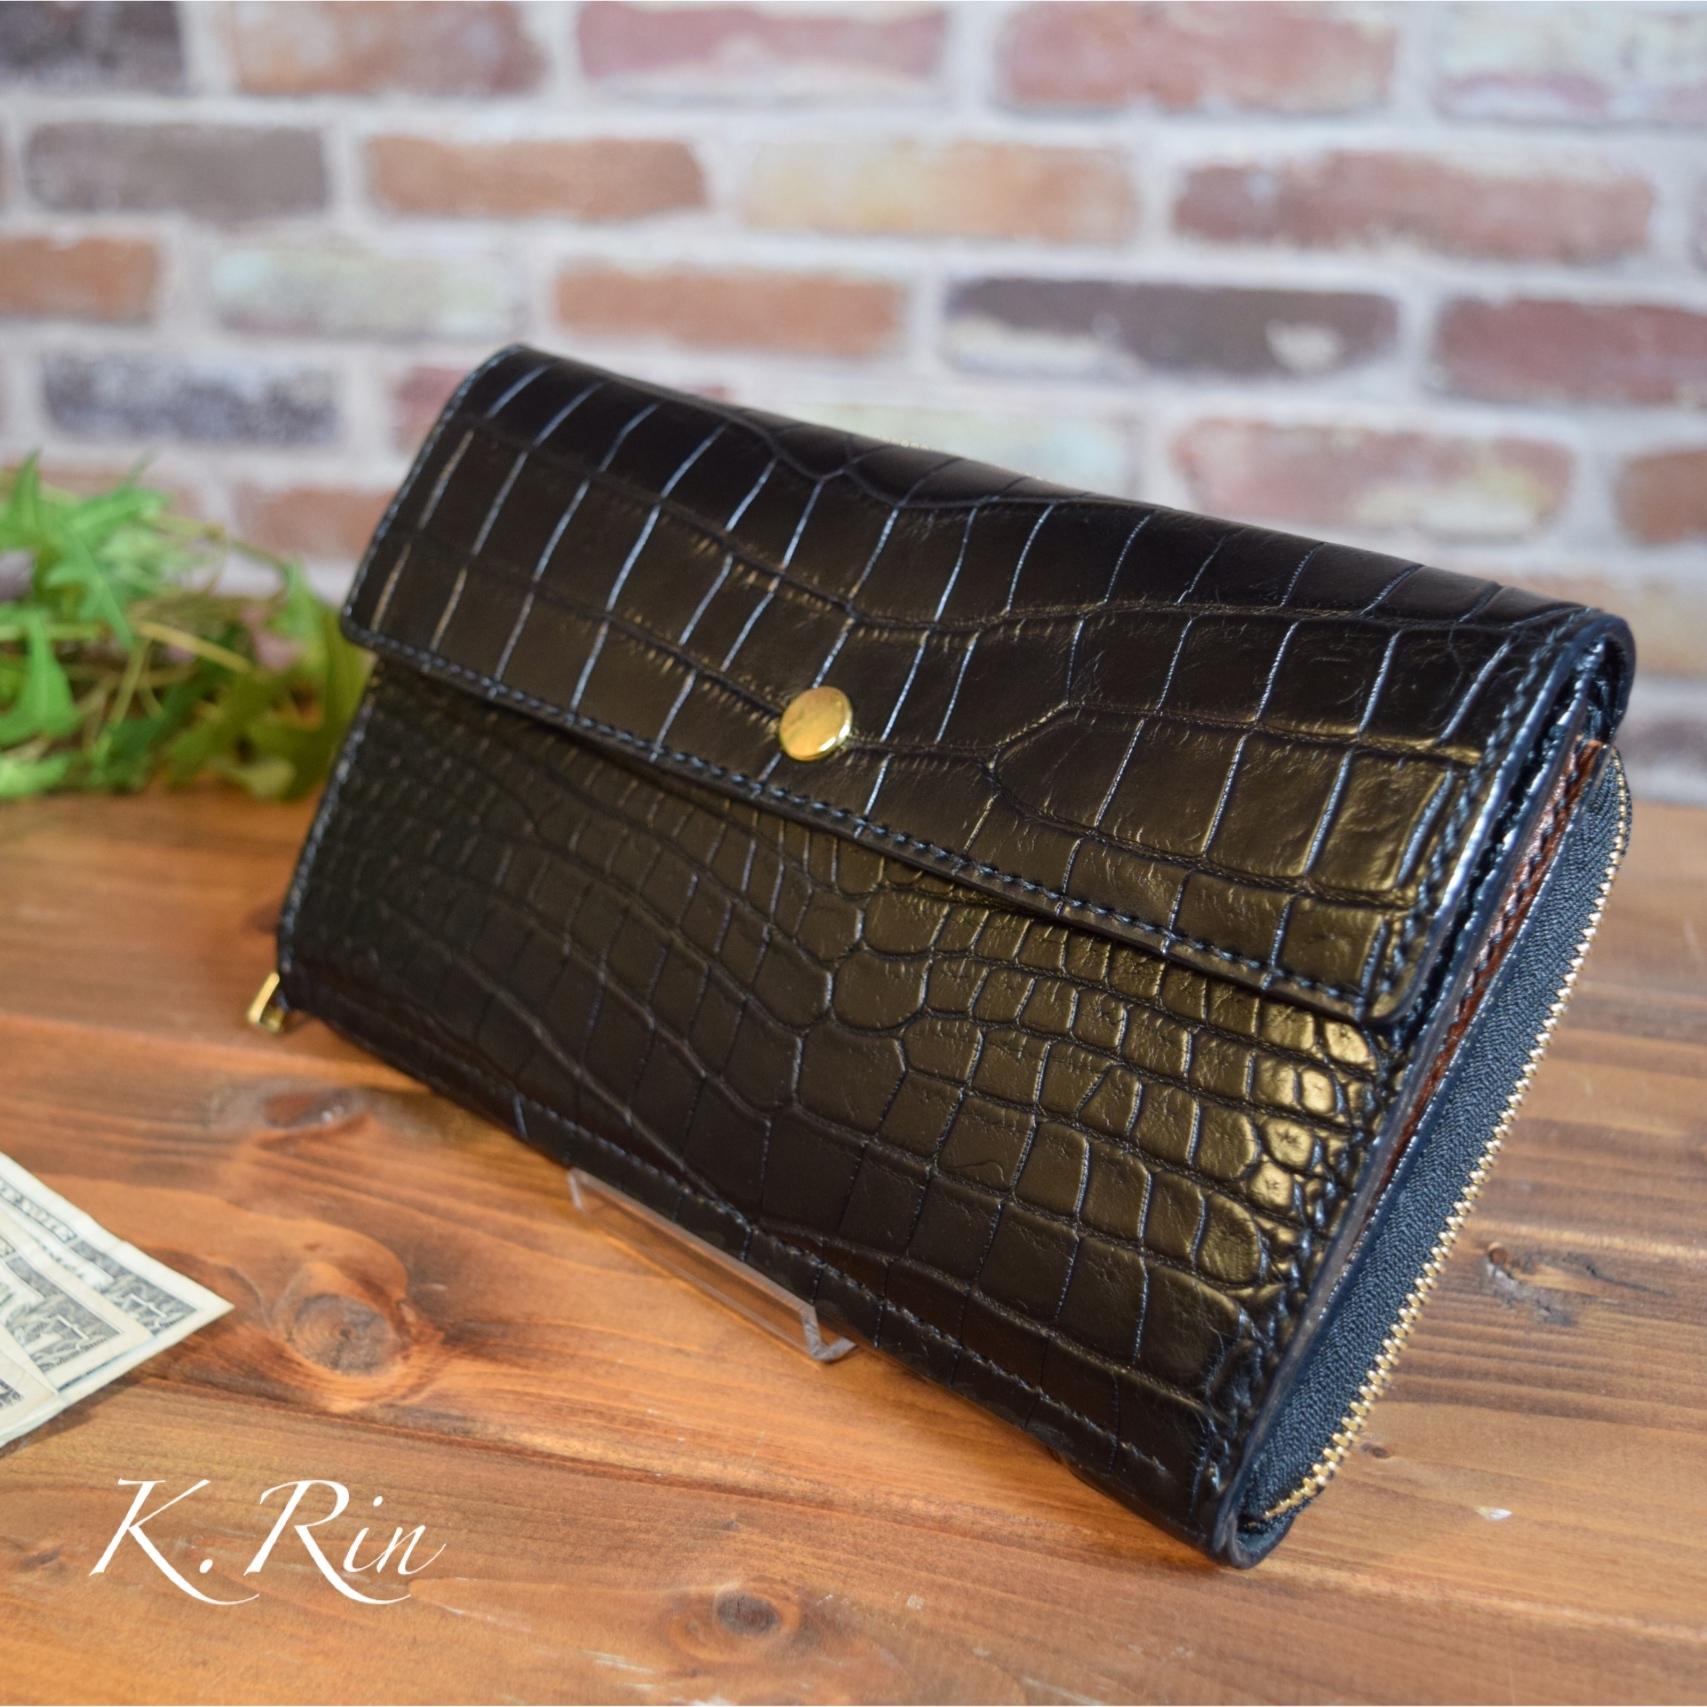 【オーダーメイド制作例】ワニ革のクラッチ財布